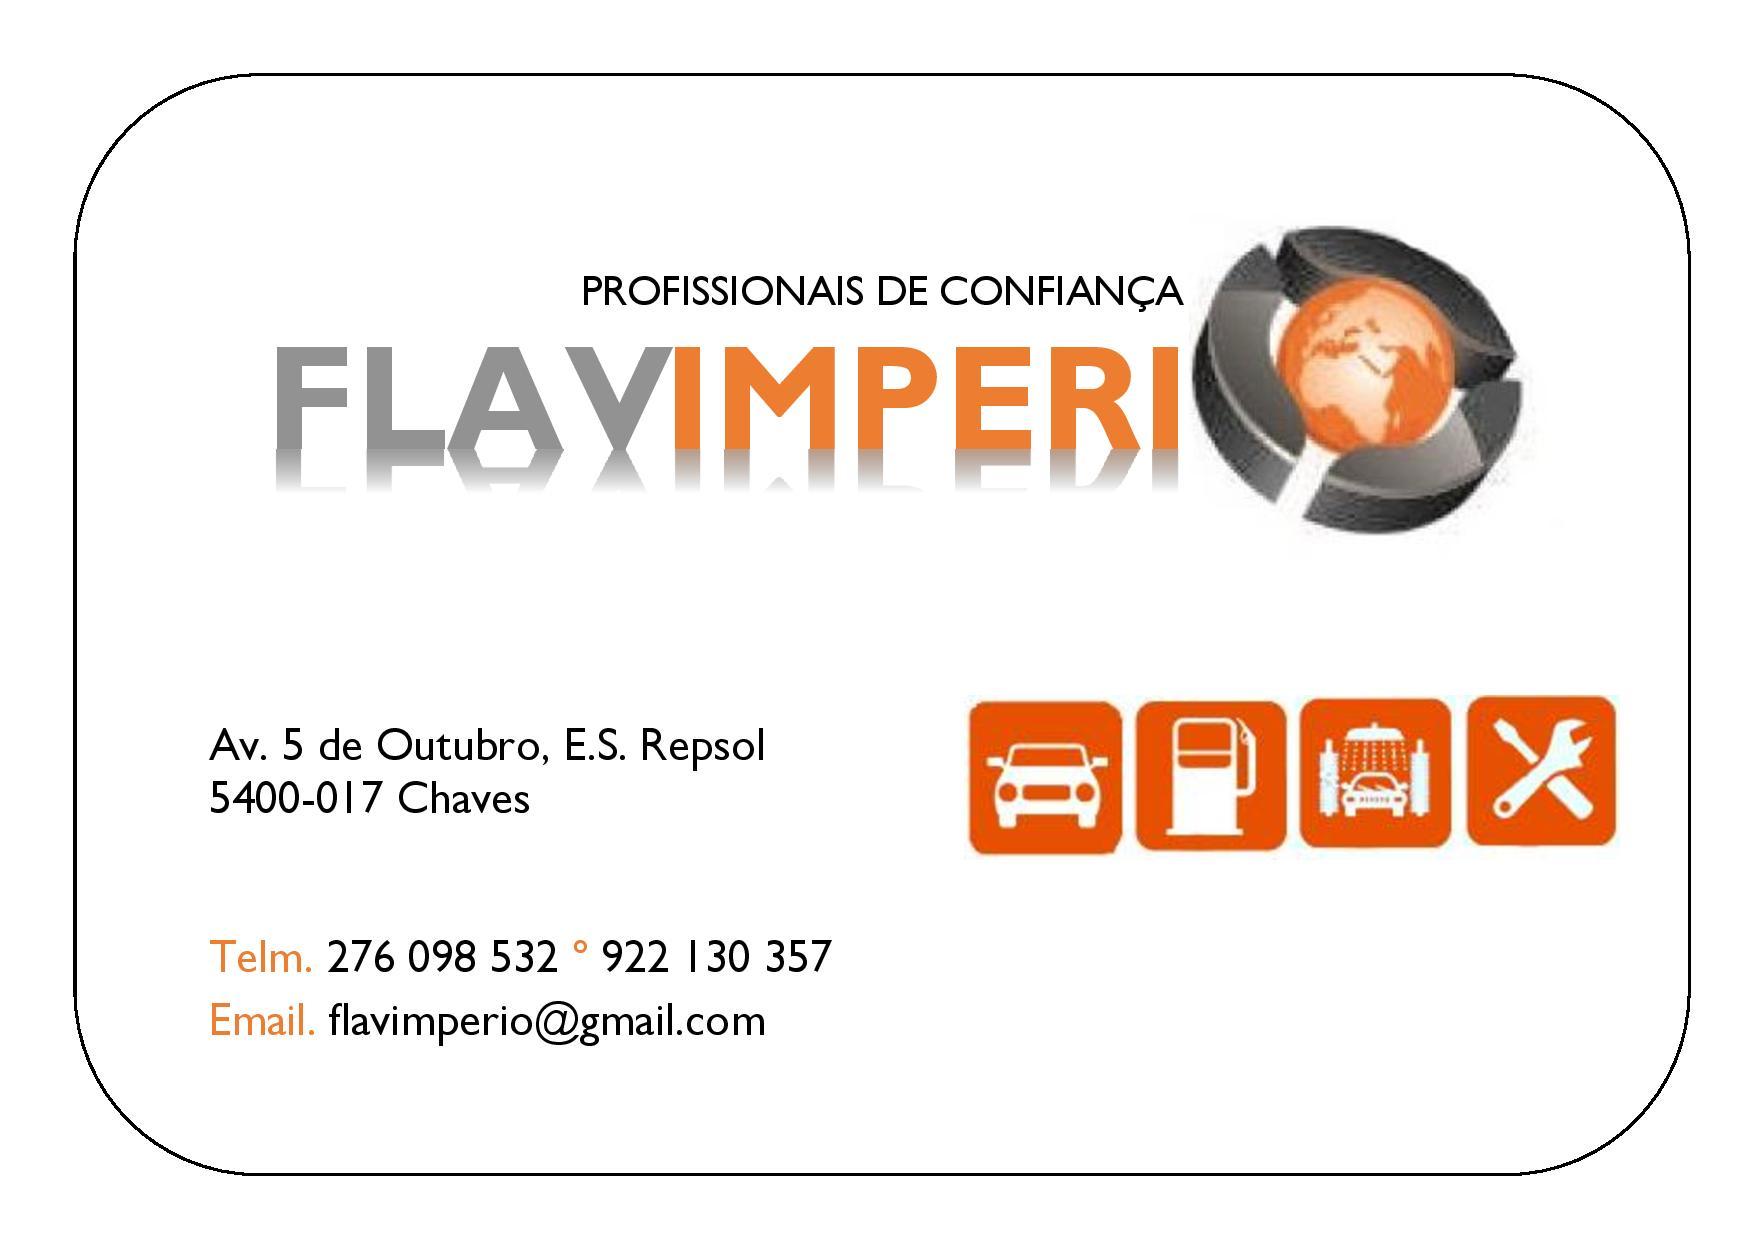 Flavimperio